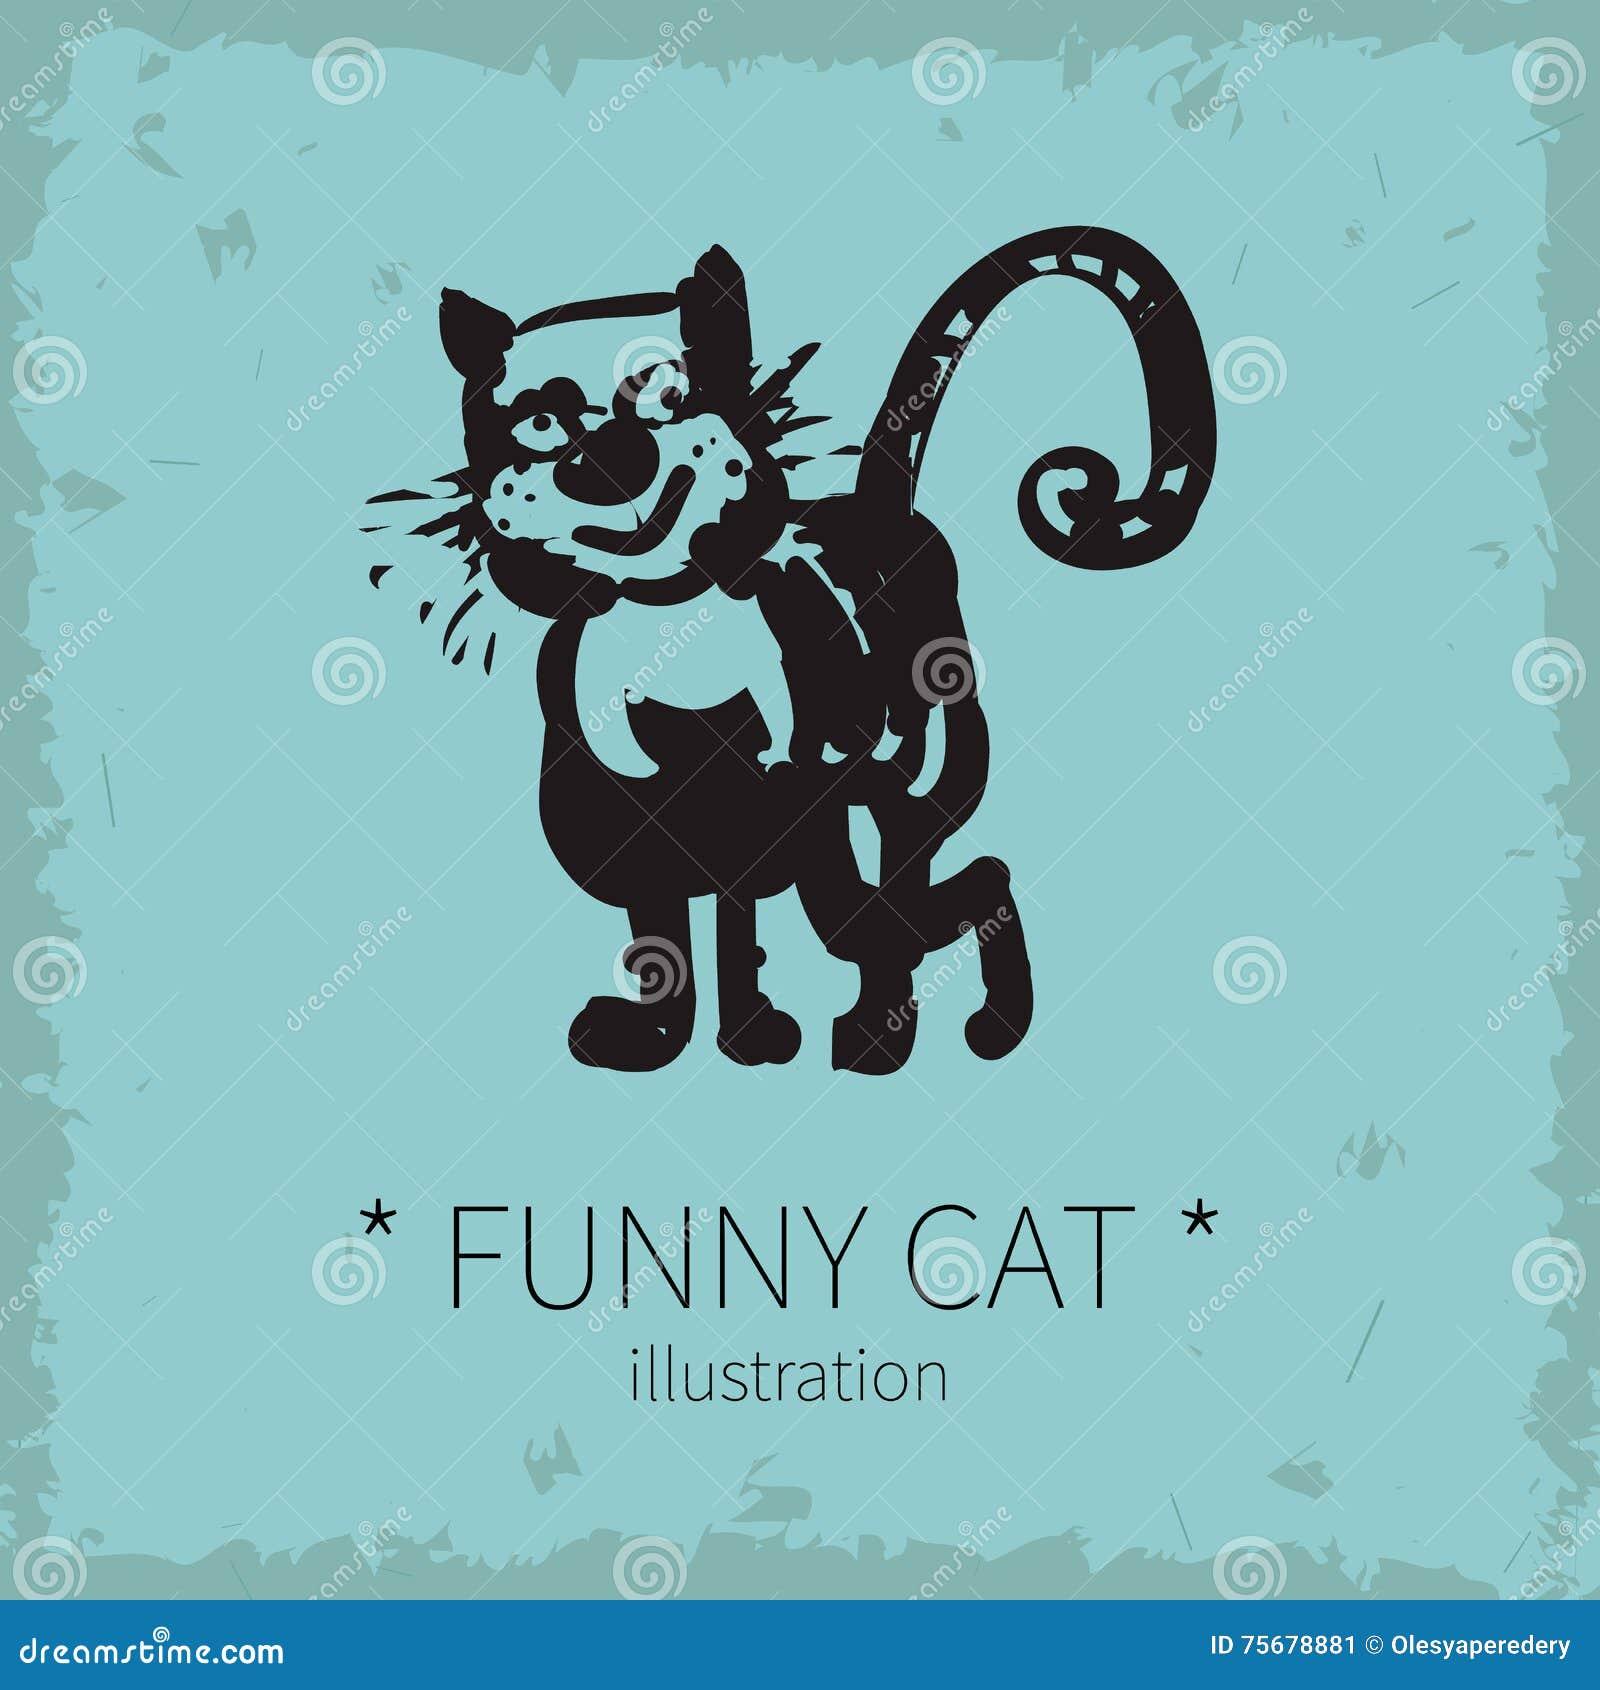 Vector funny cat illustration.